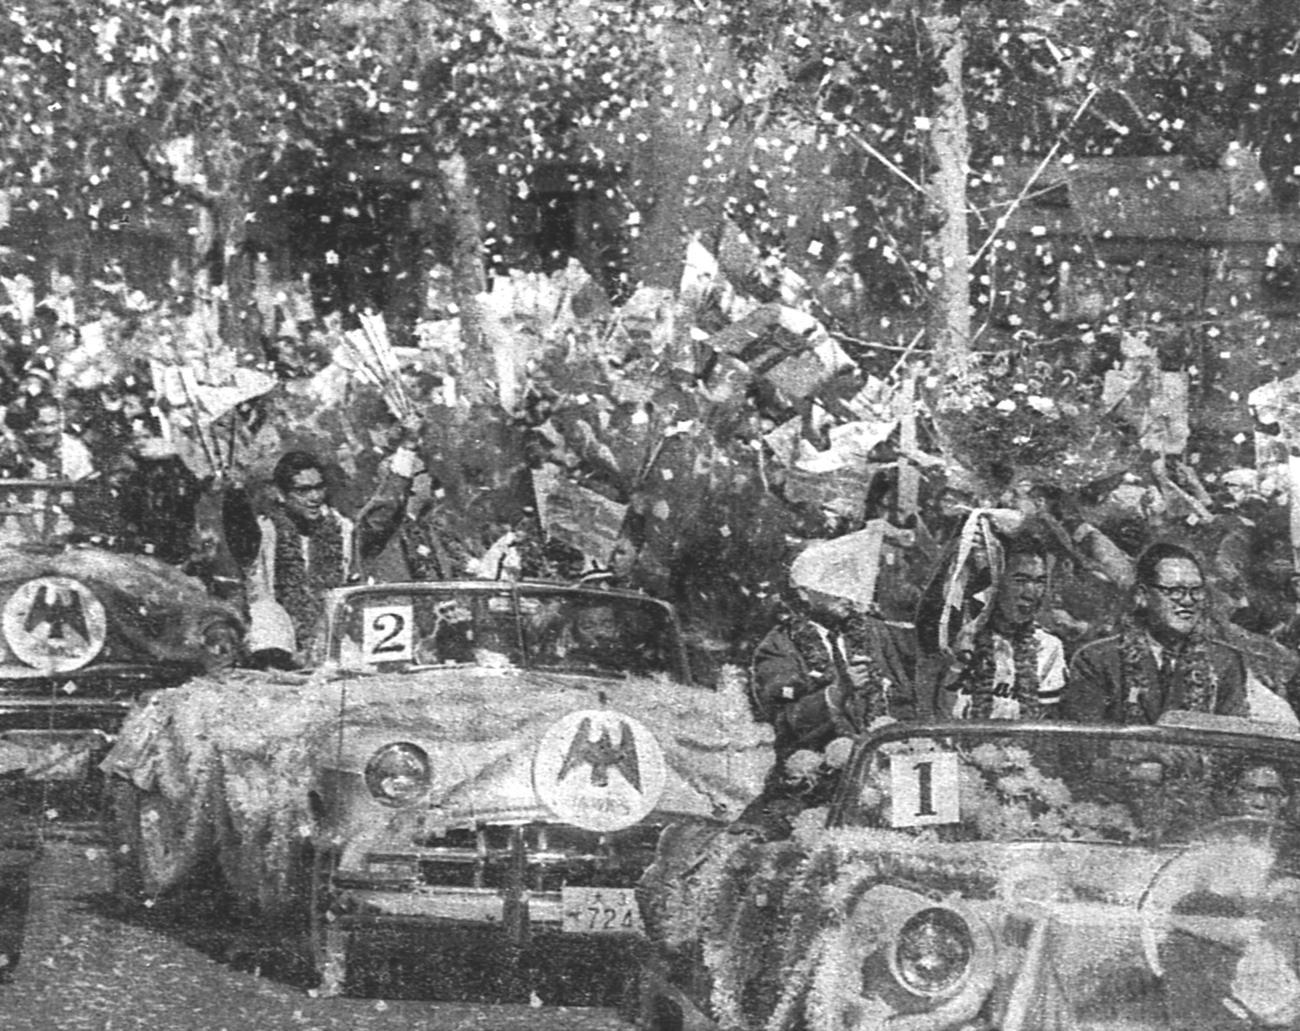 59年10月31日、日本一になり大阪御堂筋をパレードする南海ナイン